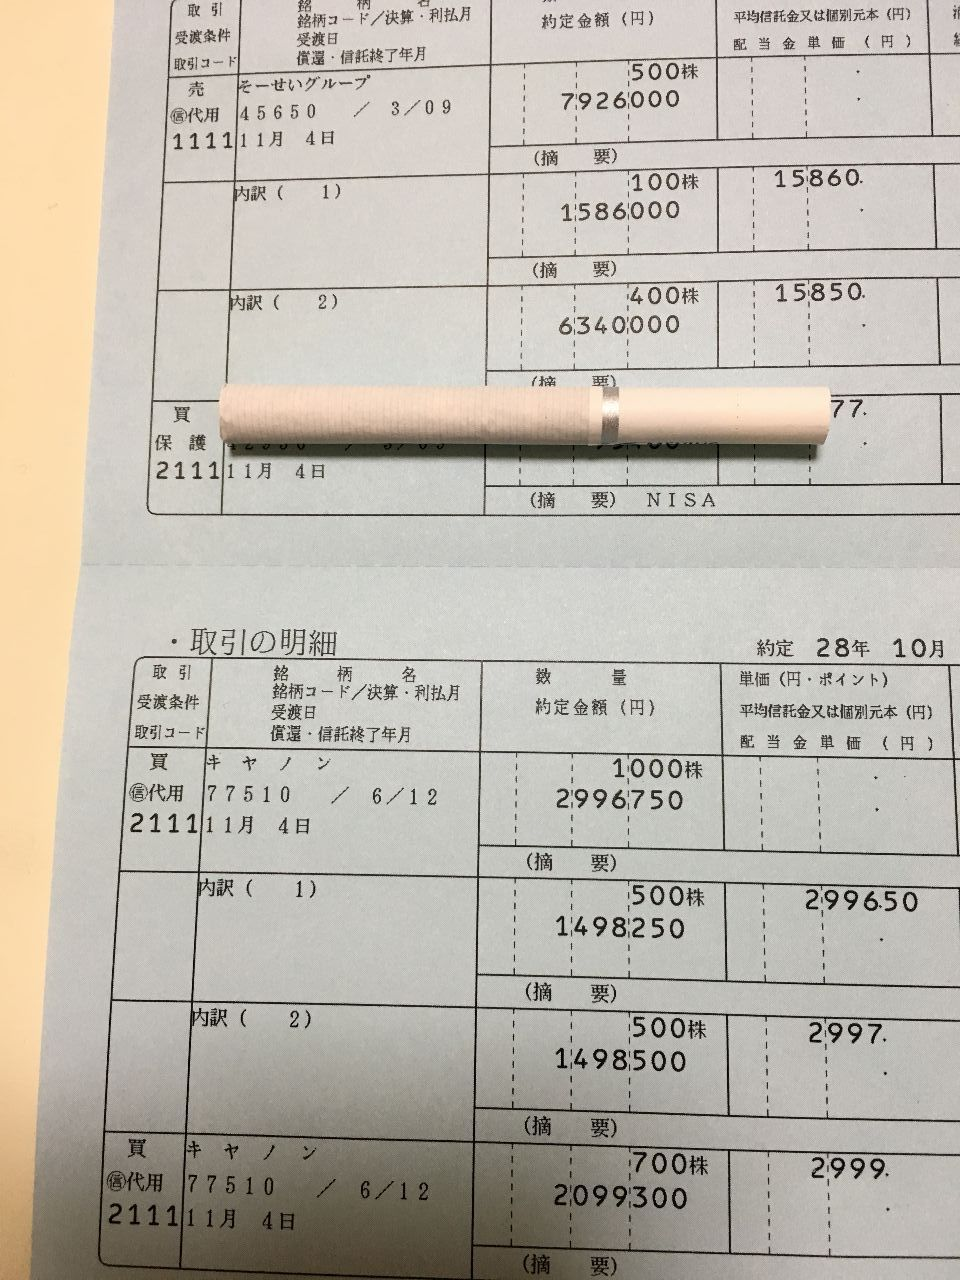 4565 - そーせいグループ(株) 年金爺様なお寿司大好き@安保dす  ところで クズのお前が去年2016年10月31日に買った 429